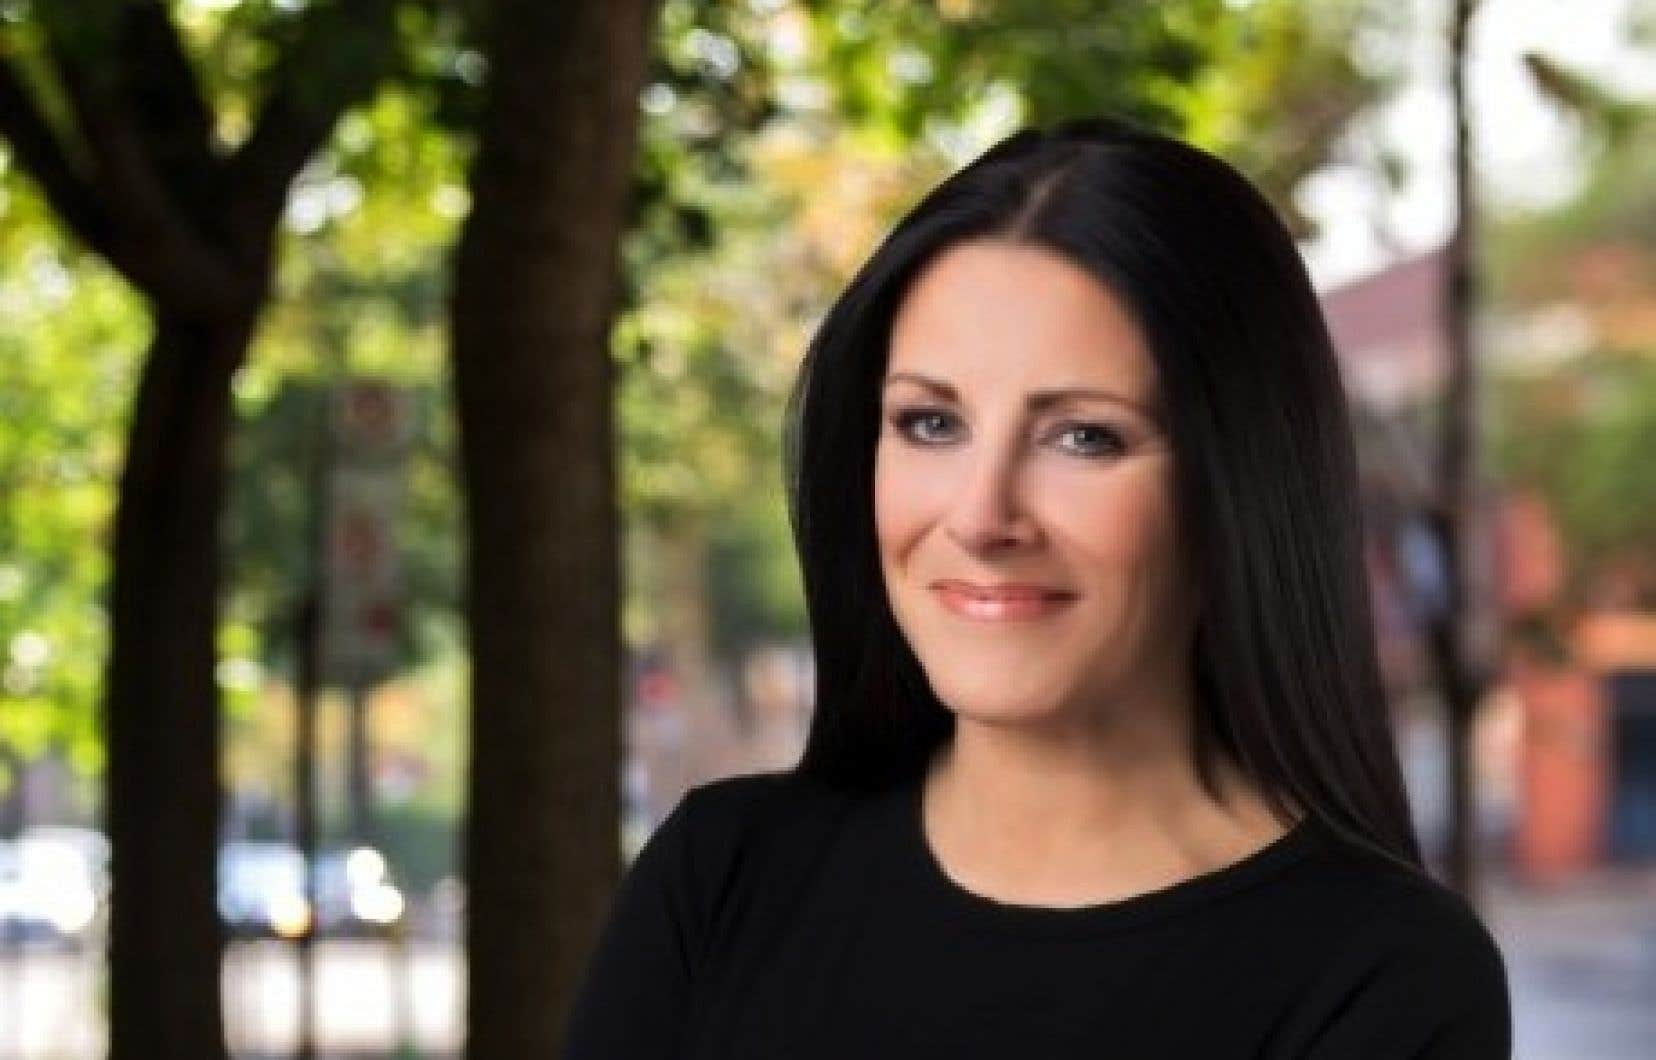 Manon Gauthier a occupé de 2013 à 2017 le poste de responsable de la Culture et du patrimoine au sein de l'administration de l'ex-maire de Montréal, Denis Coderre.